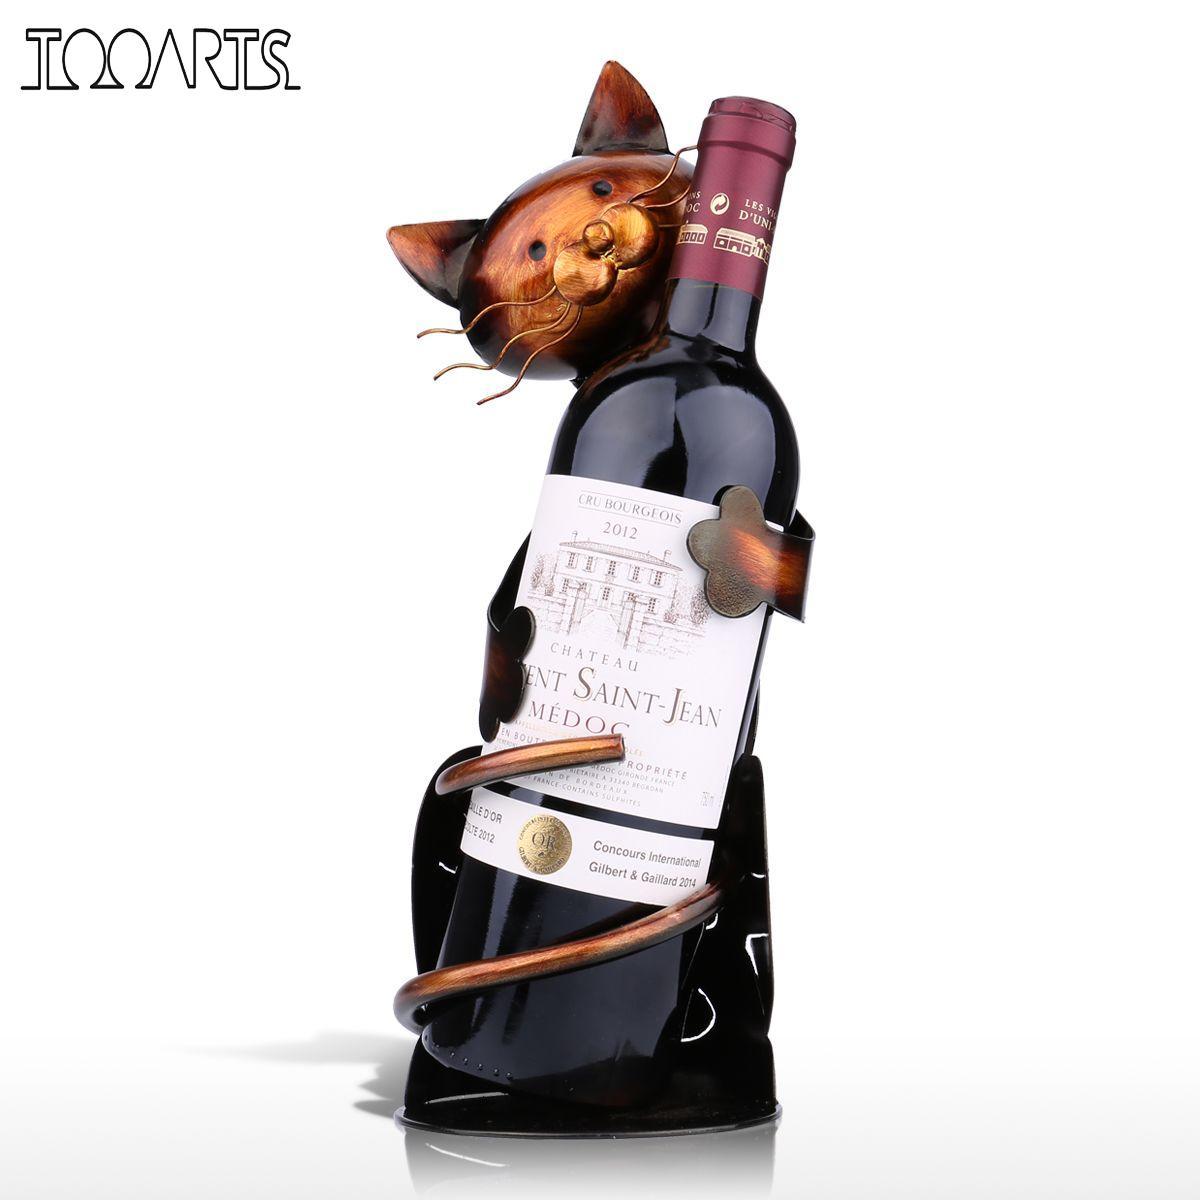 Tooarts Katze Geformte Wein Halter Wein regal Metall Figurine Praktische Figurine Rack Für Wein Flasche Büro Wohnkultur wein rack